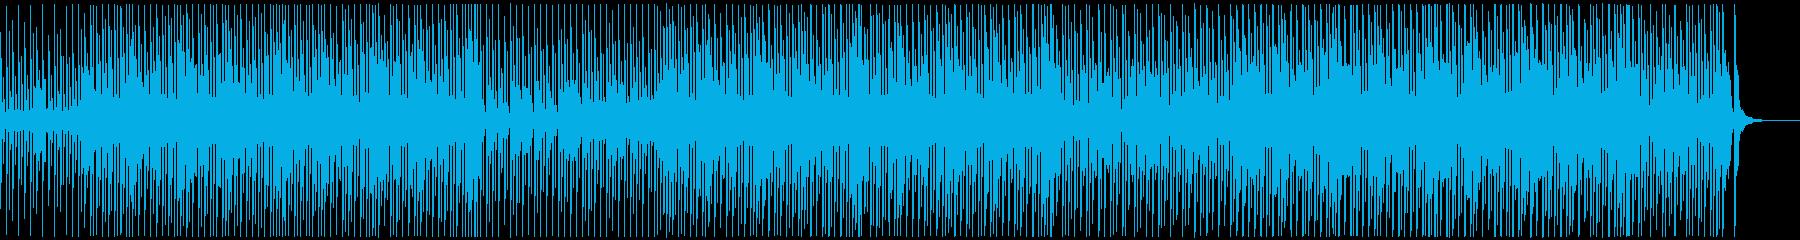 CM、チープ感がオシャレ可愛いロックの再生済みの波形